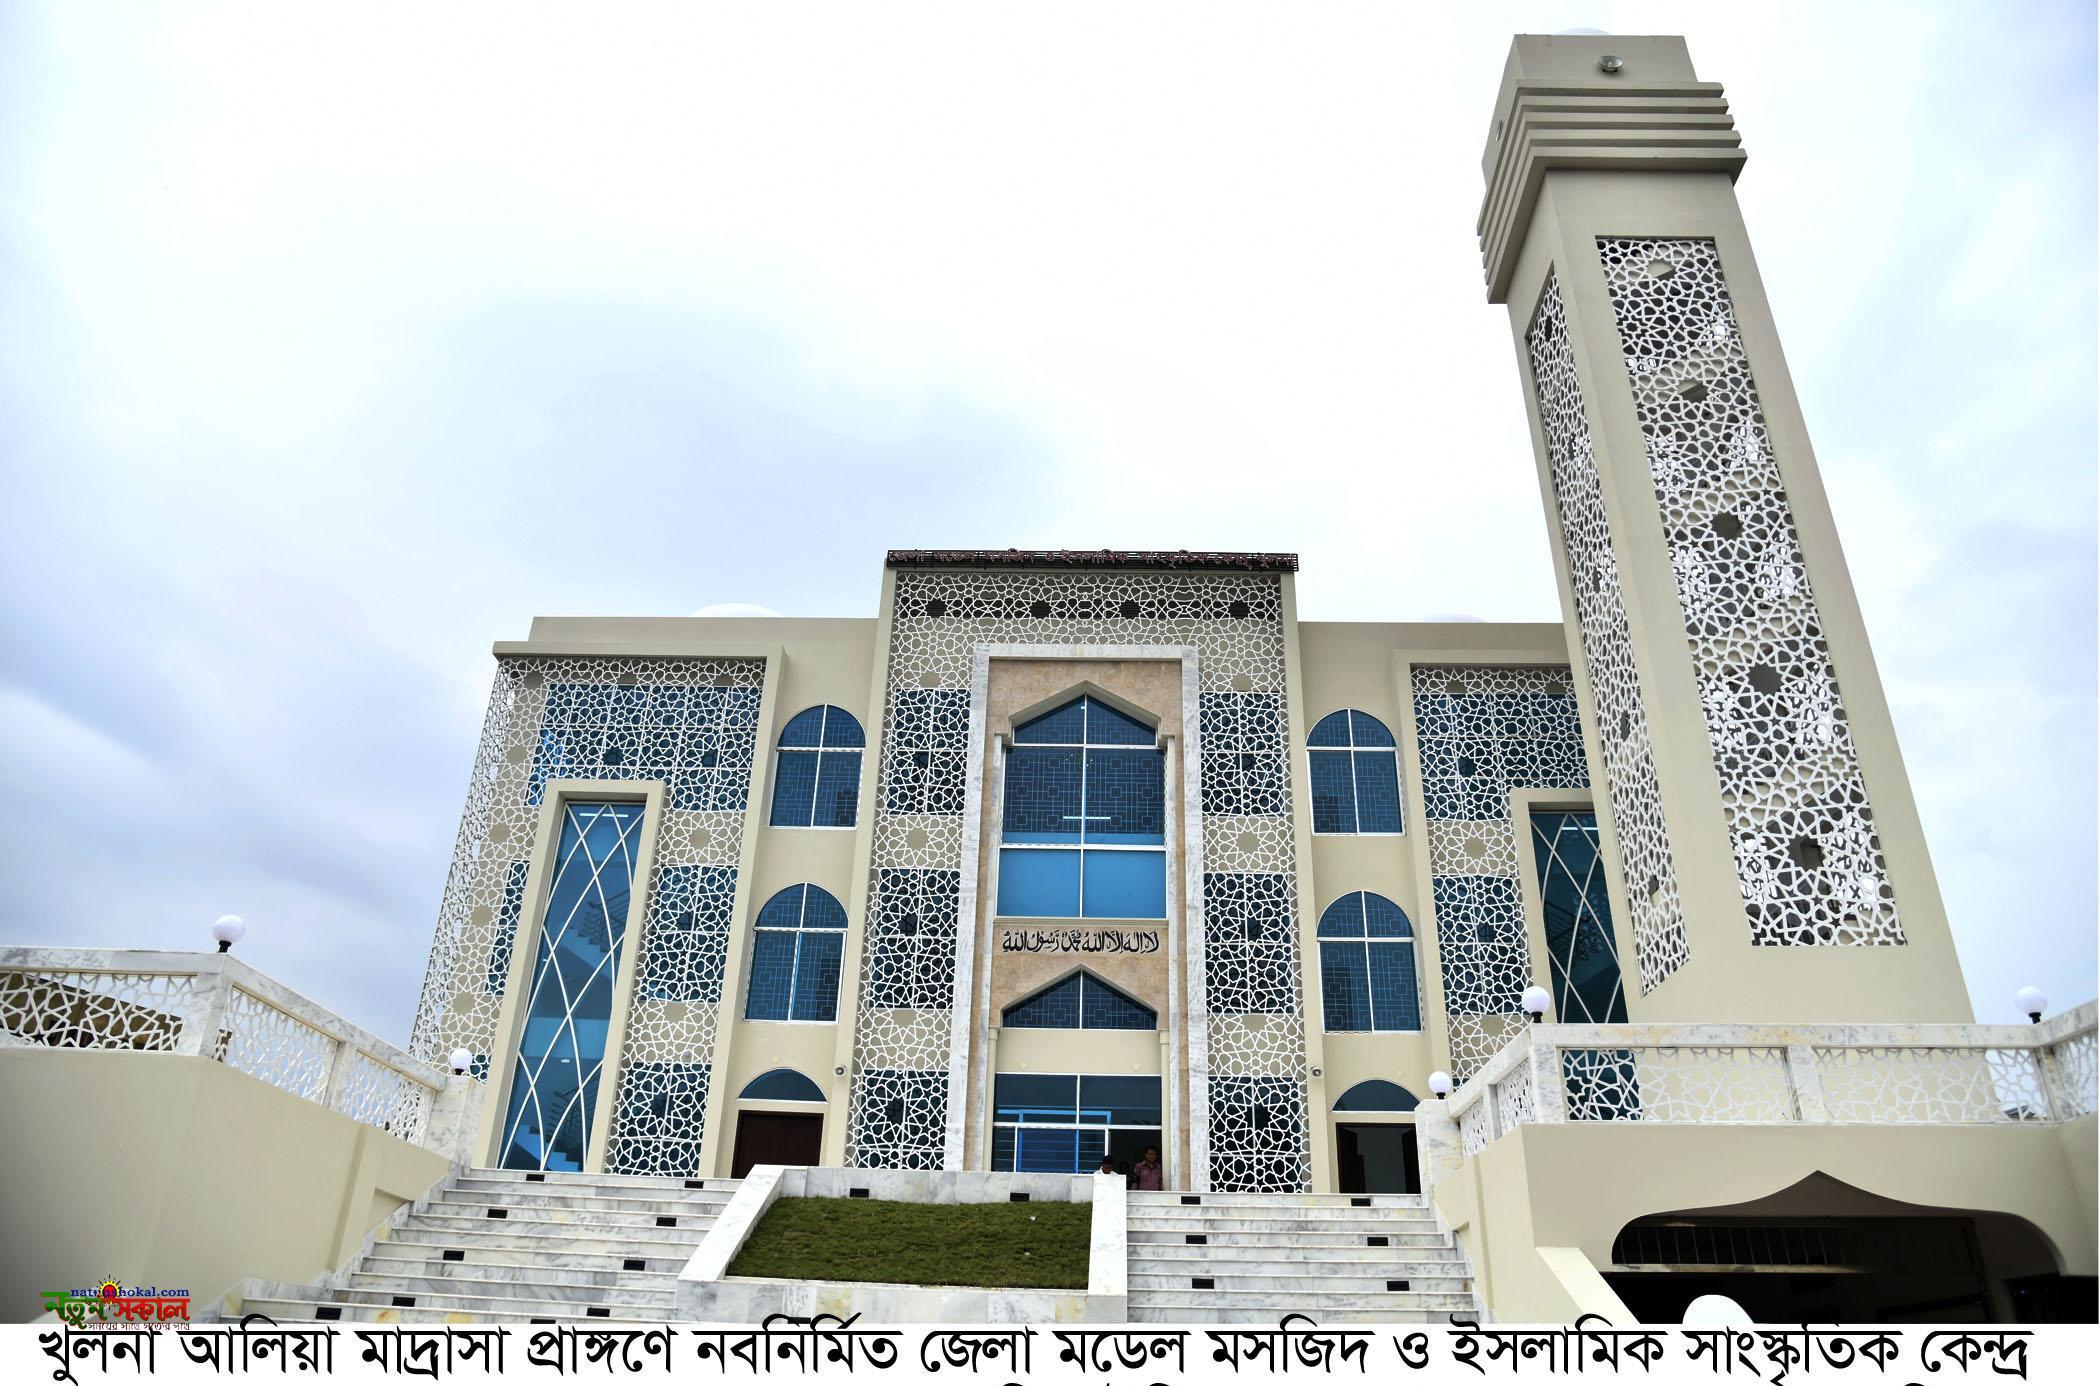 খুলনা জেলা মডেল মসজিদ উদ্বোধন করলেন প্রধানমন্ত্রী